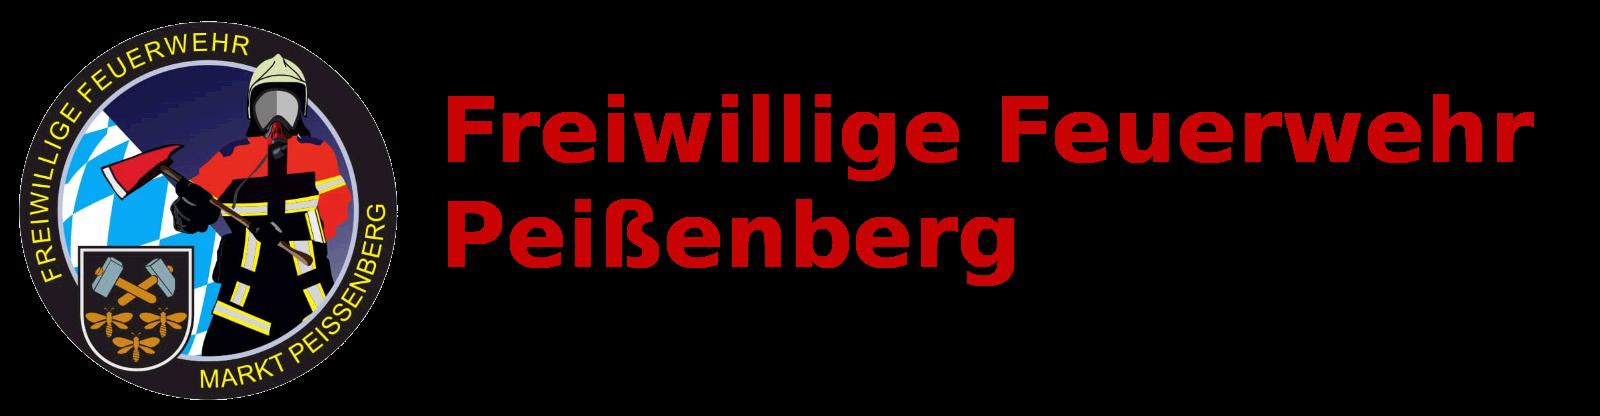 Freiwillige Feuerwehr Peißenberg